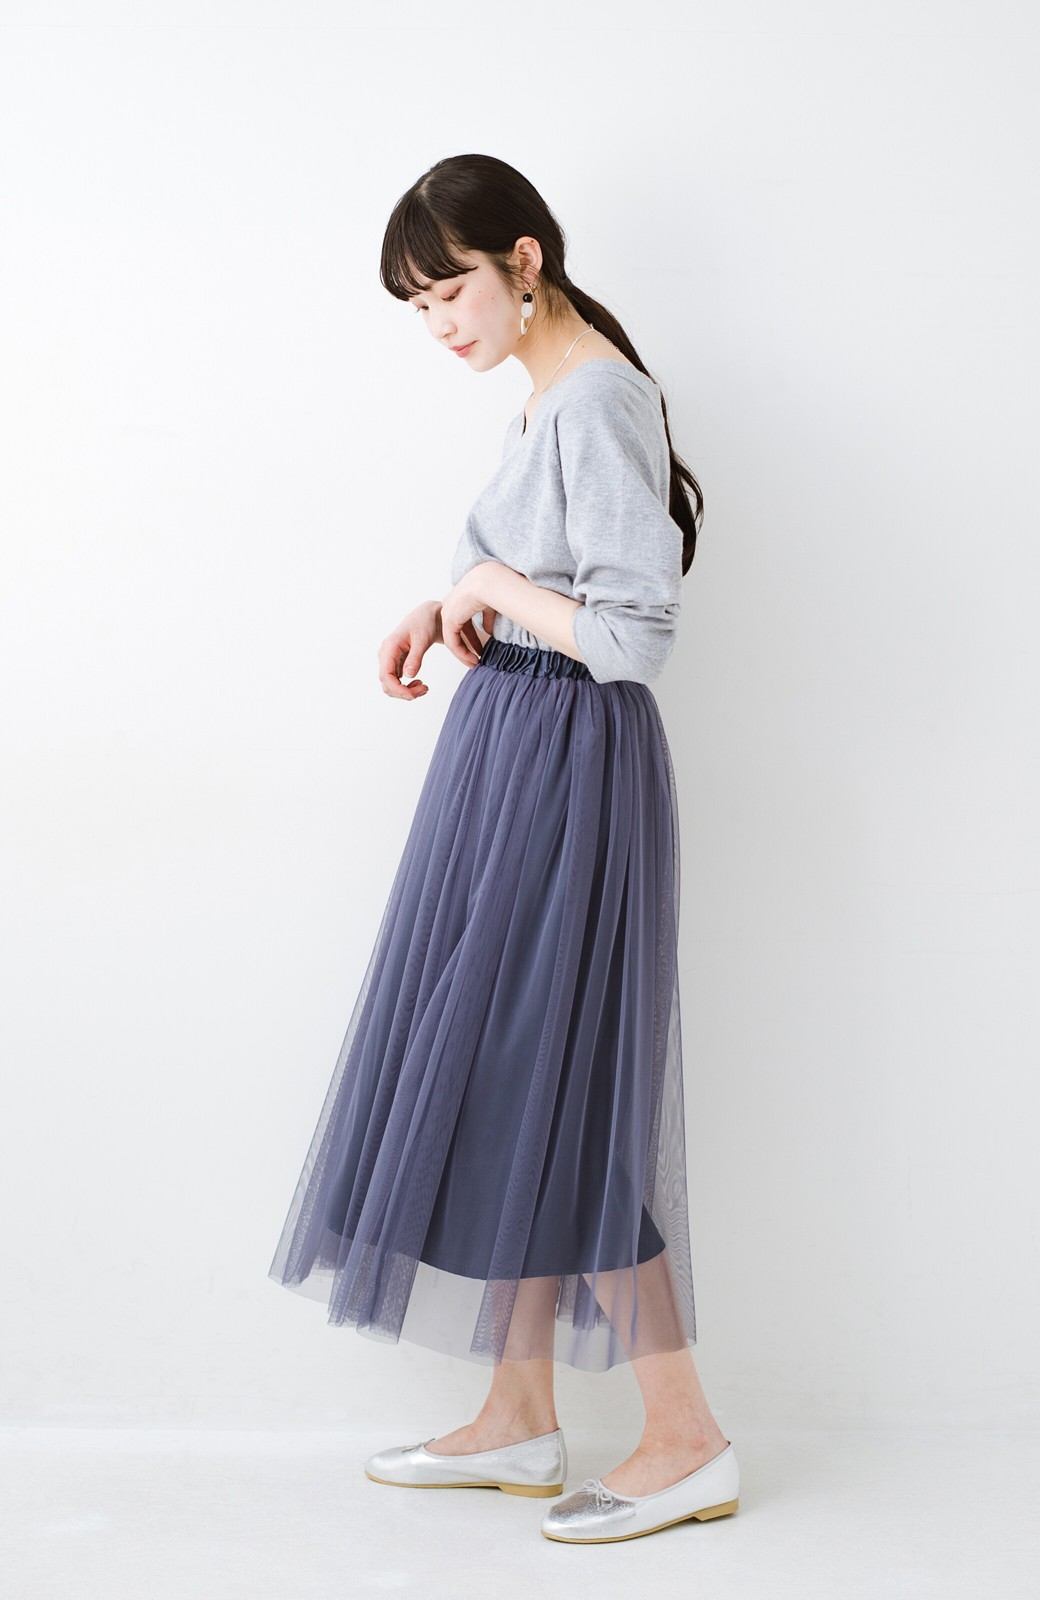 haco! 着るだけでルンとした気分になる! 長ーーい季節着られてずっと使えるオトナのためのチュールスカート <ネイビー>の商品写真4